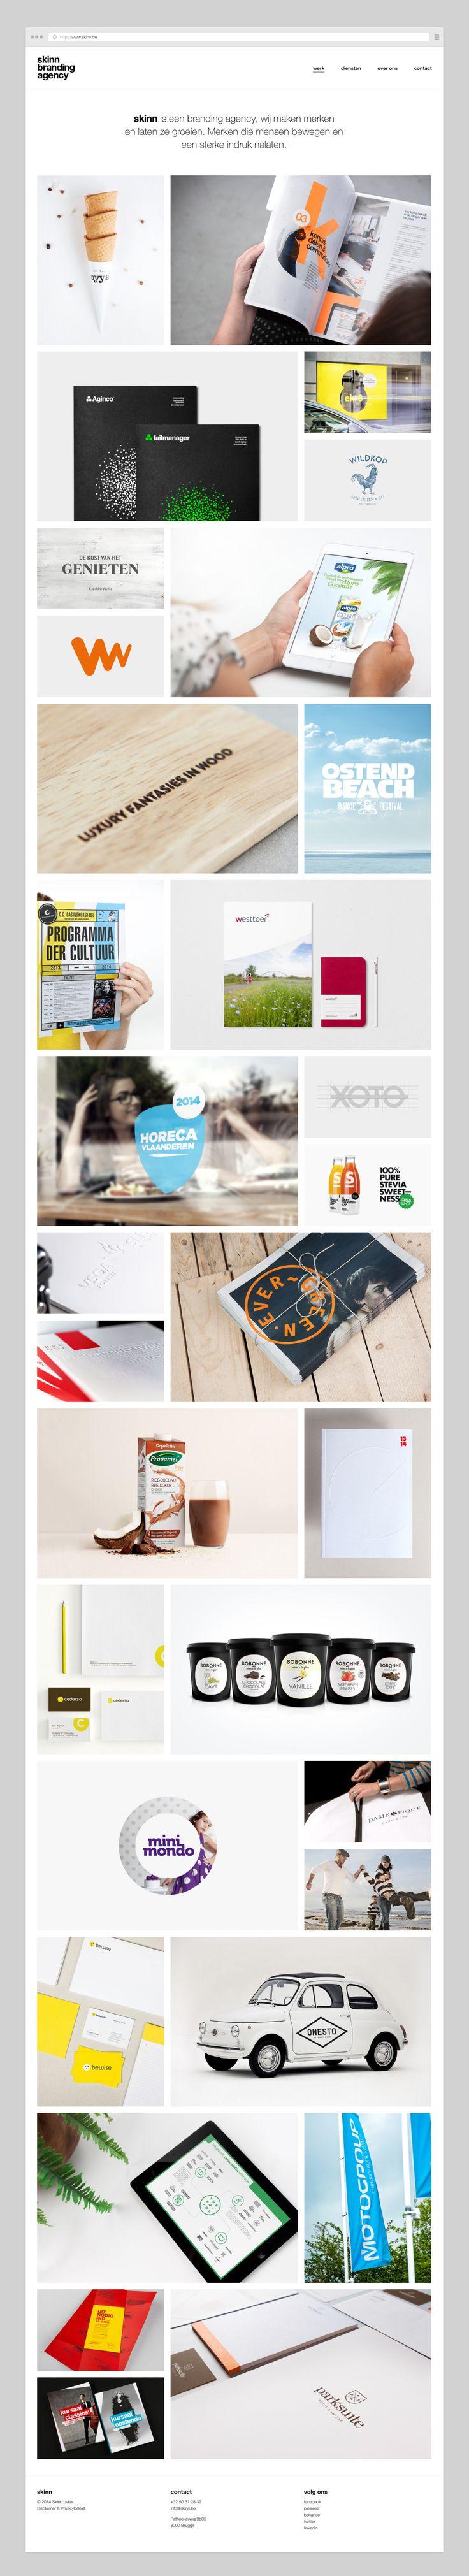 Website by skinn branding agency